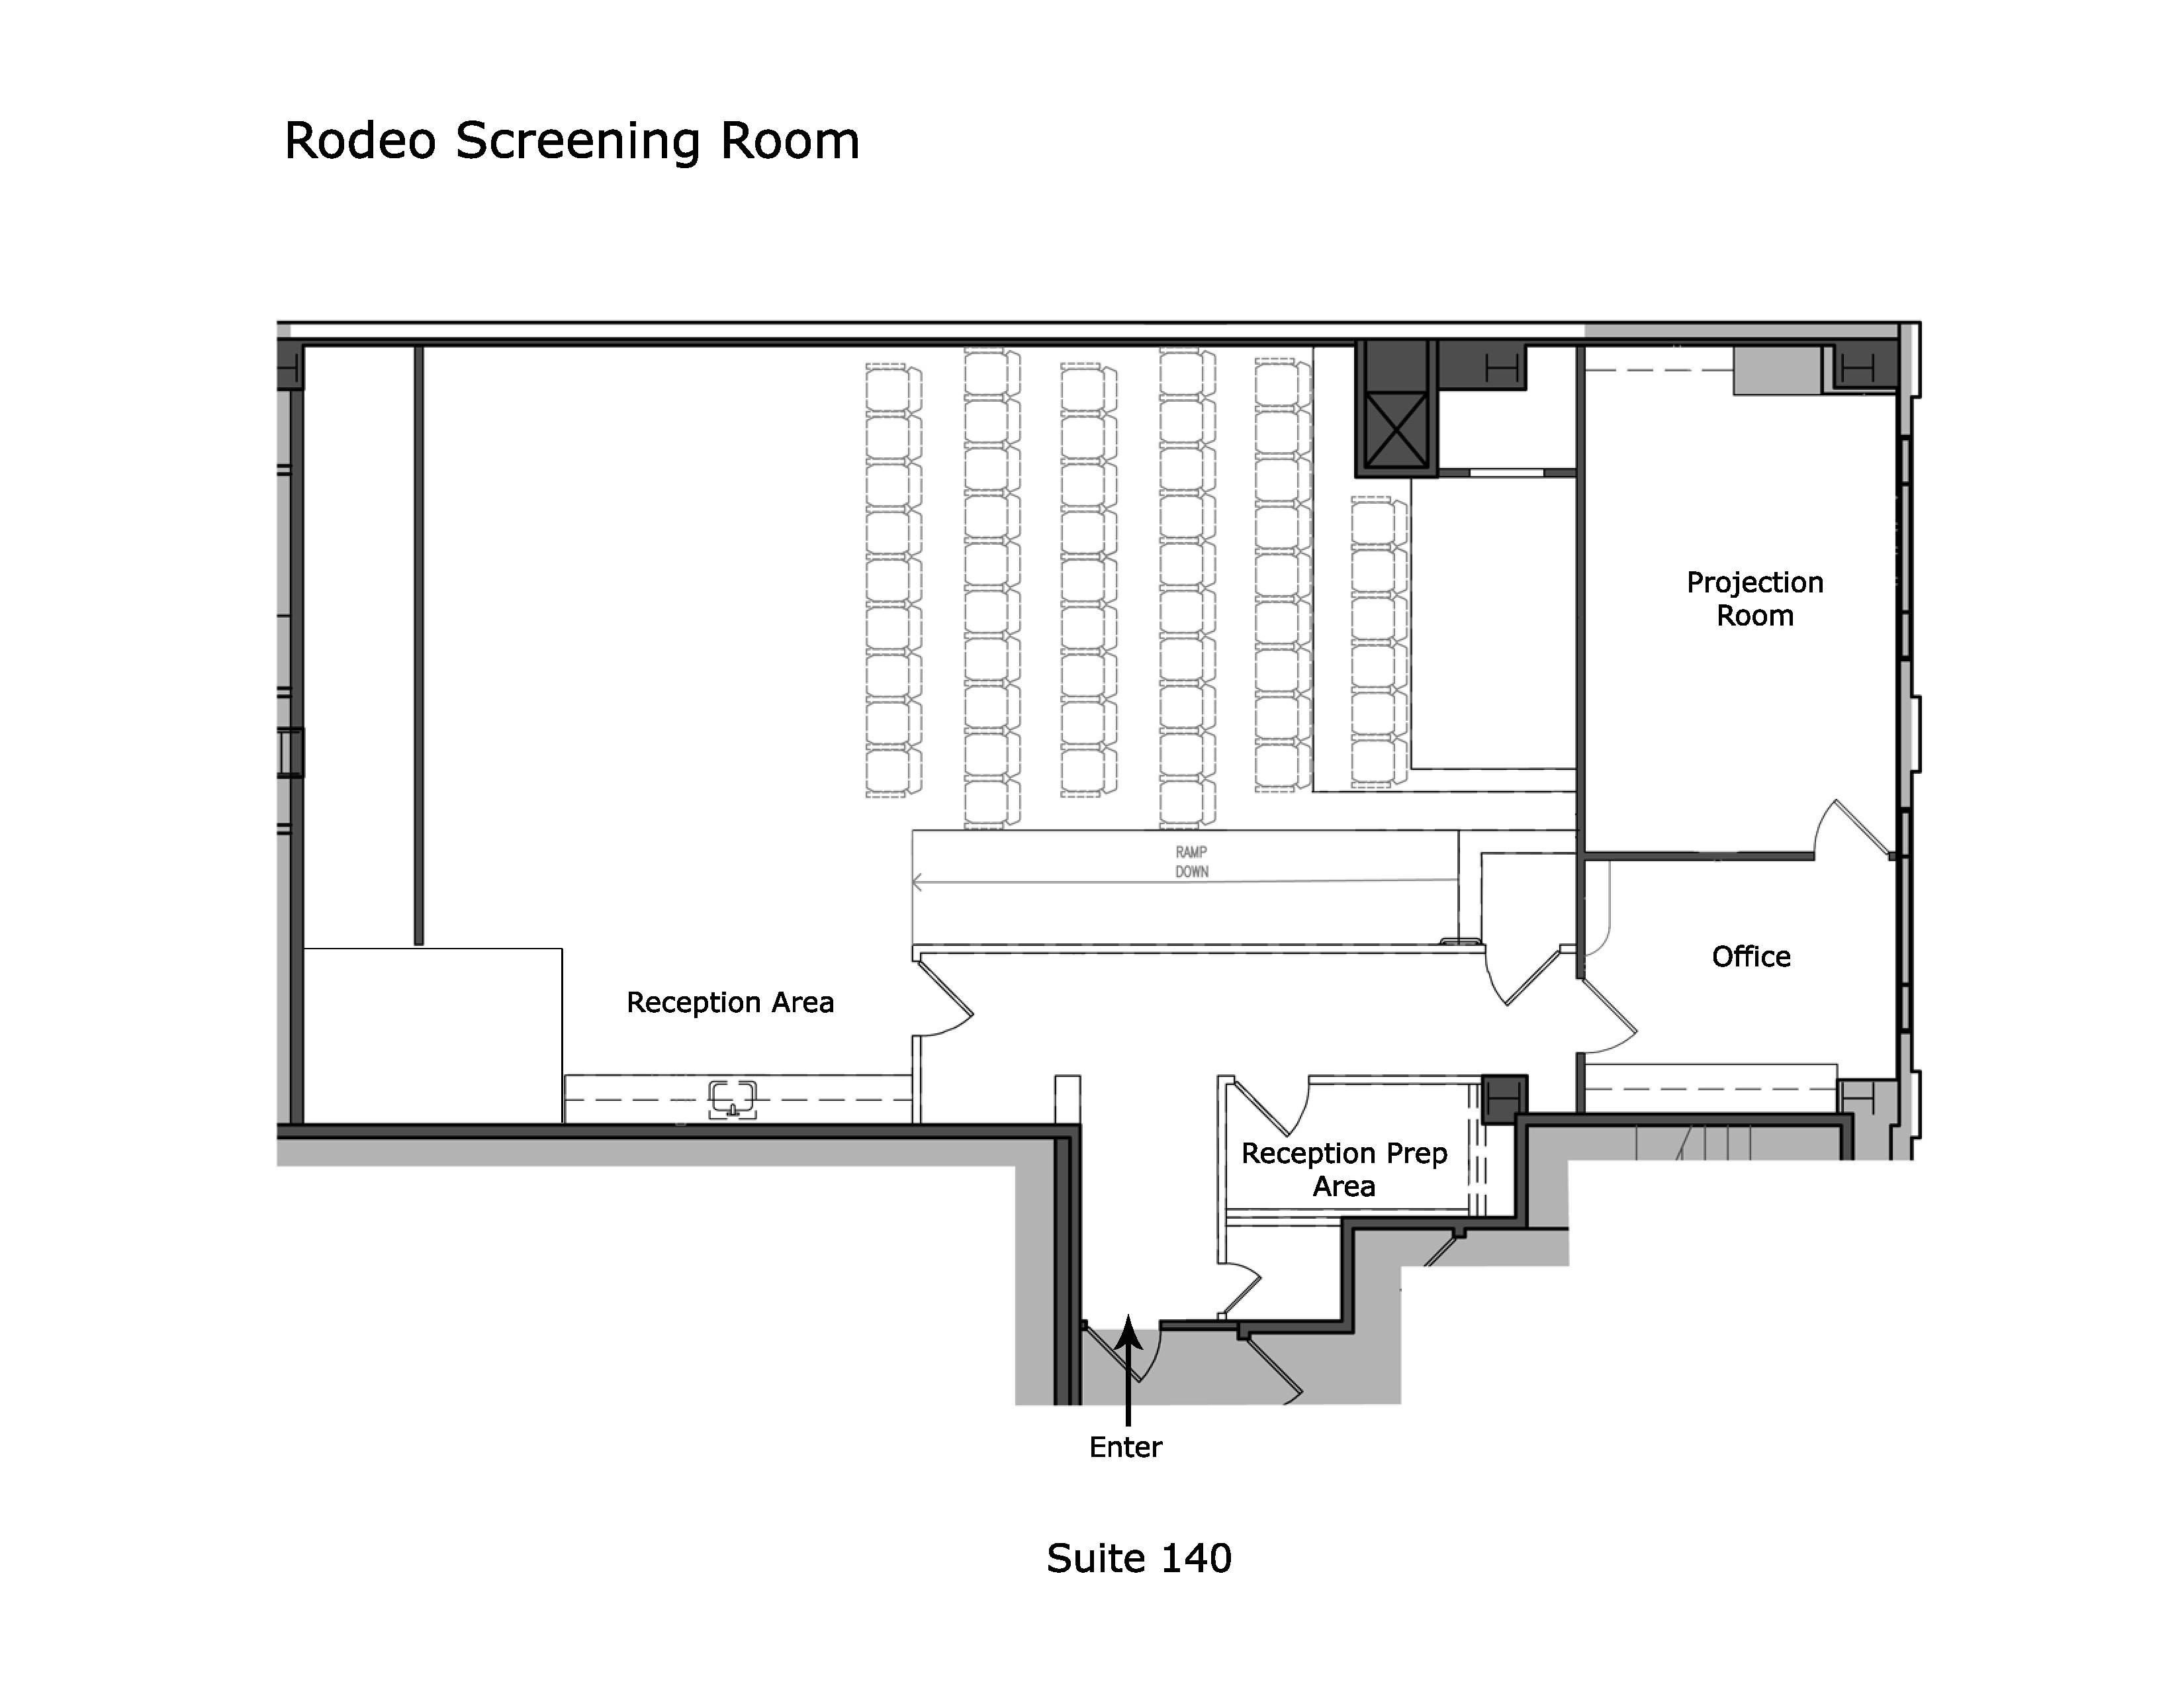 Rodeo Screening Room Floor Plan